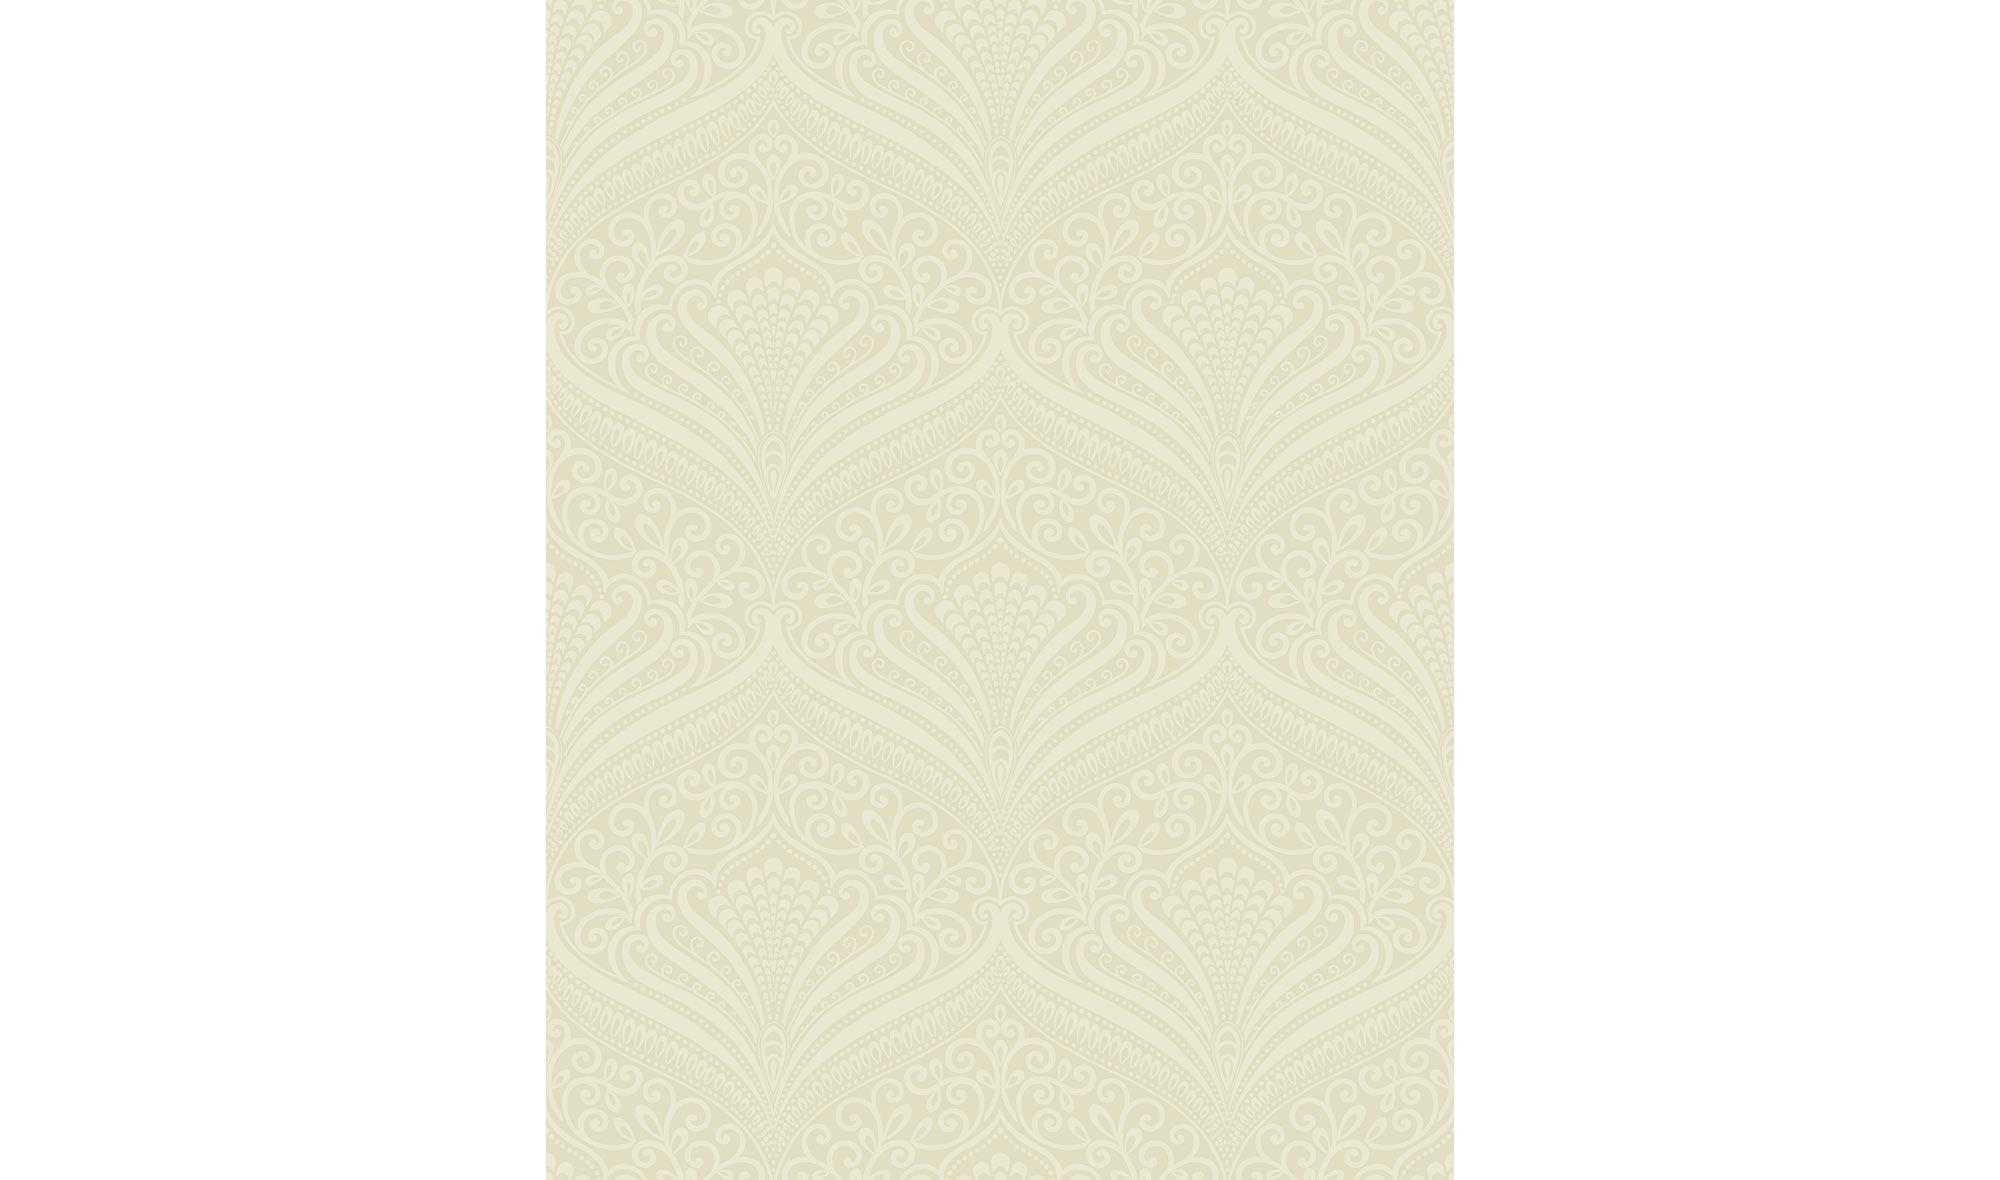 Rollo de papel pintado motivo geom trico en for Papel pintado muebles